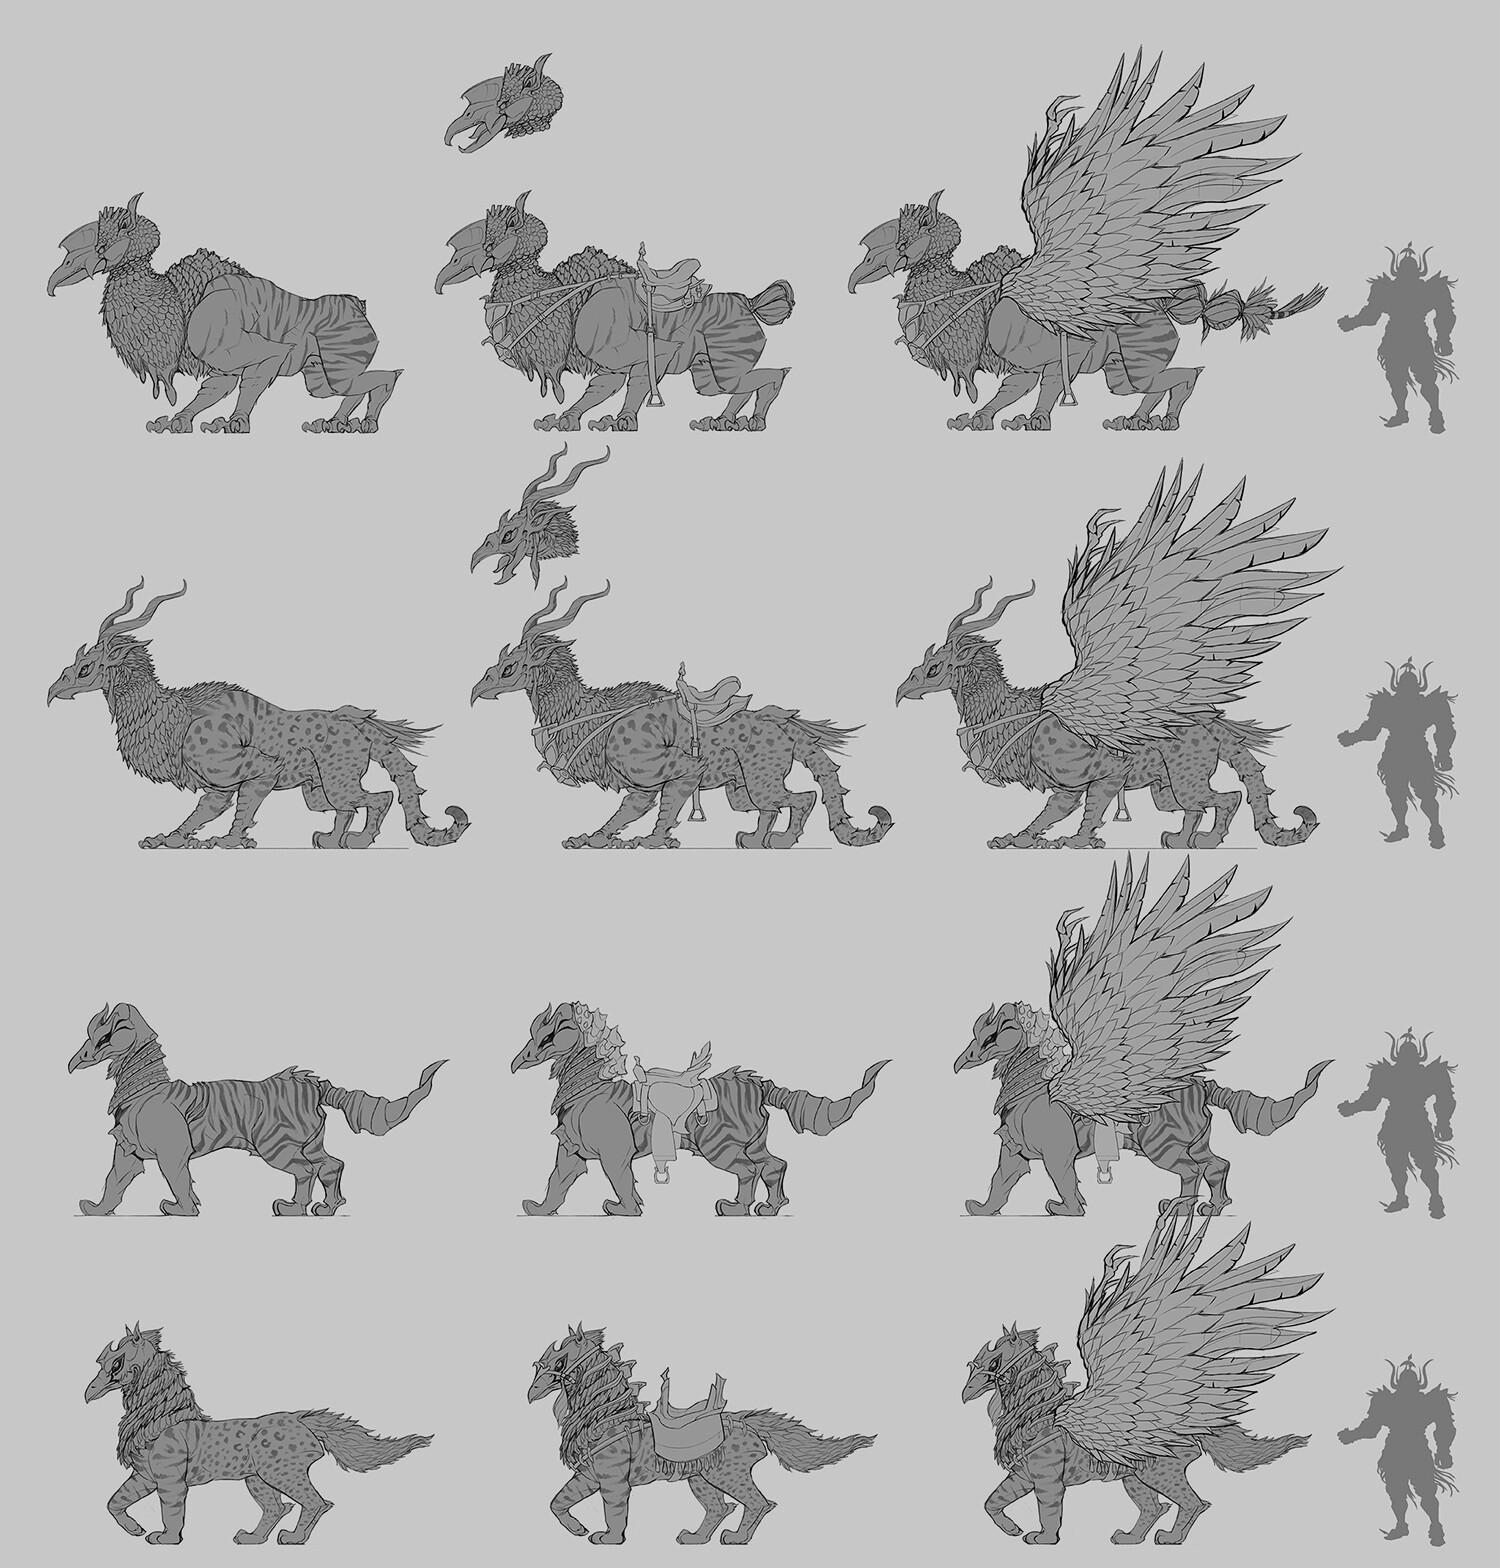 Creature design sketches